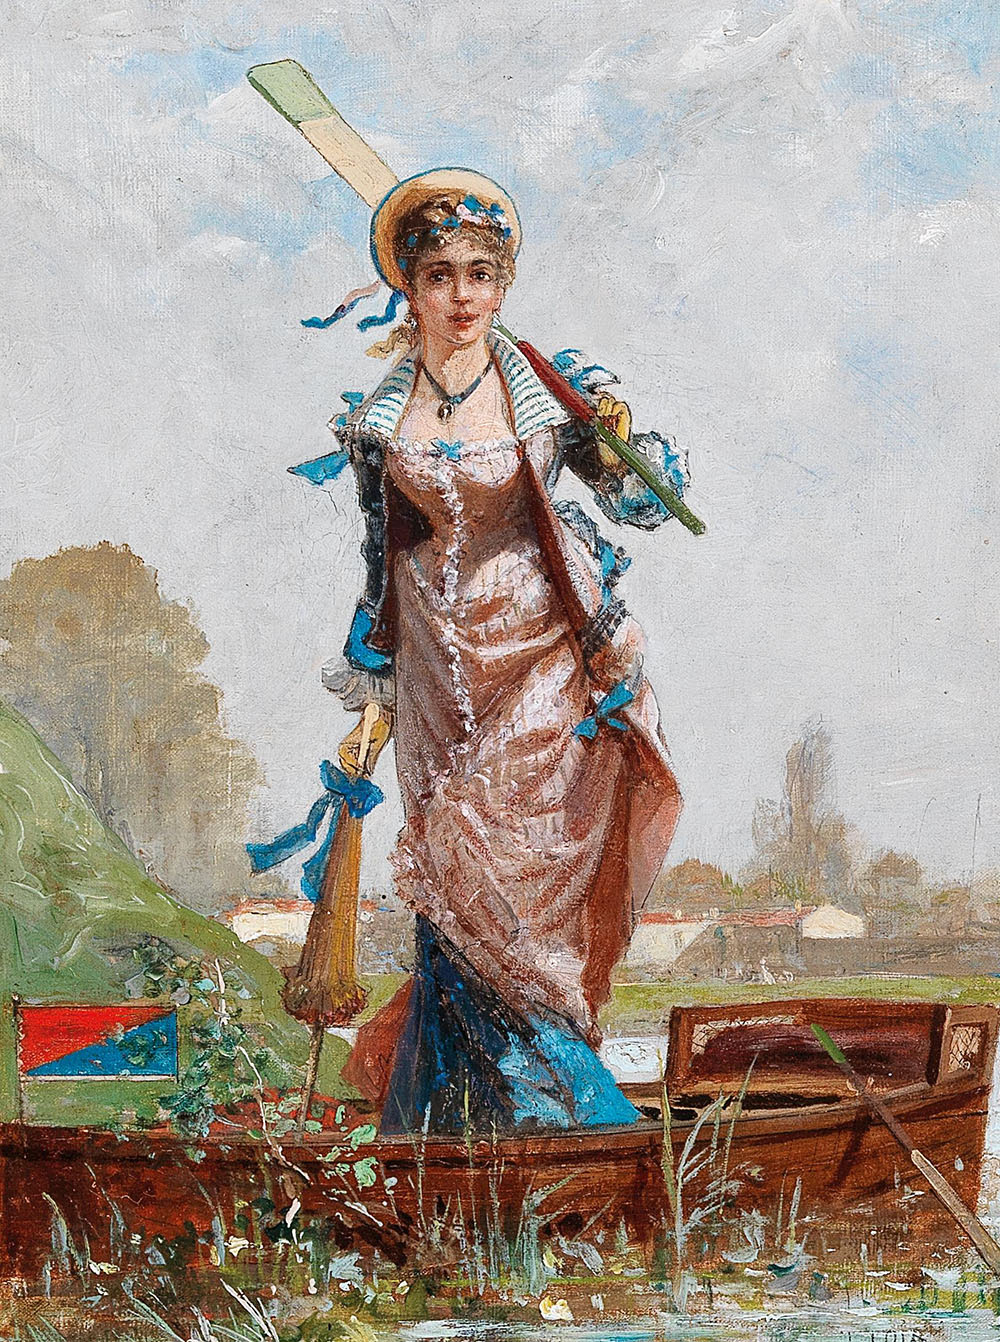 Luigi Loir (1845-1916), Sonntagsausflug mit dem Ruderboot, Öl auf Leinwand, 27 x 20 cm, Startpreis € 2.200